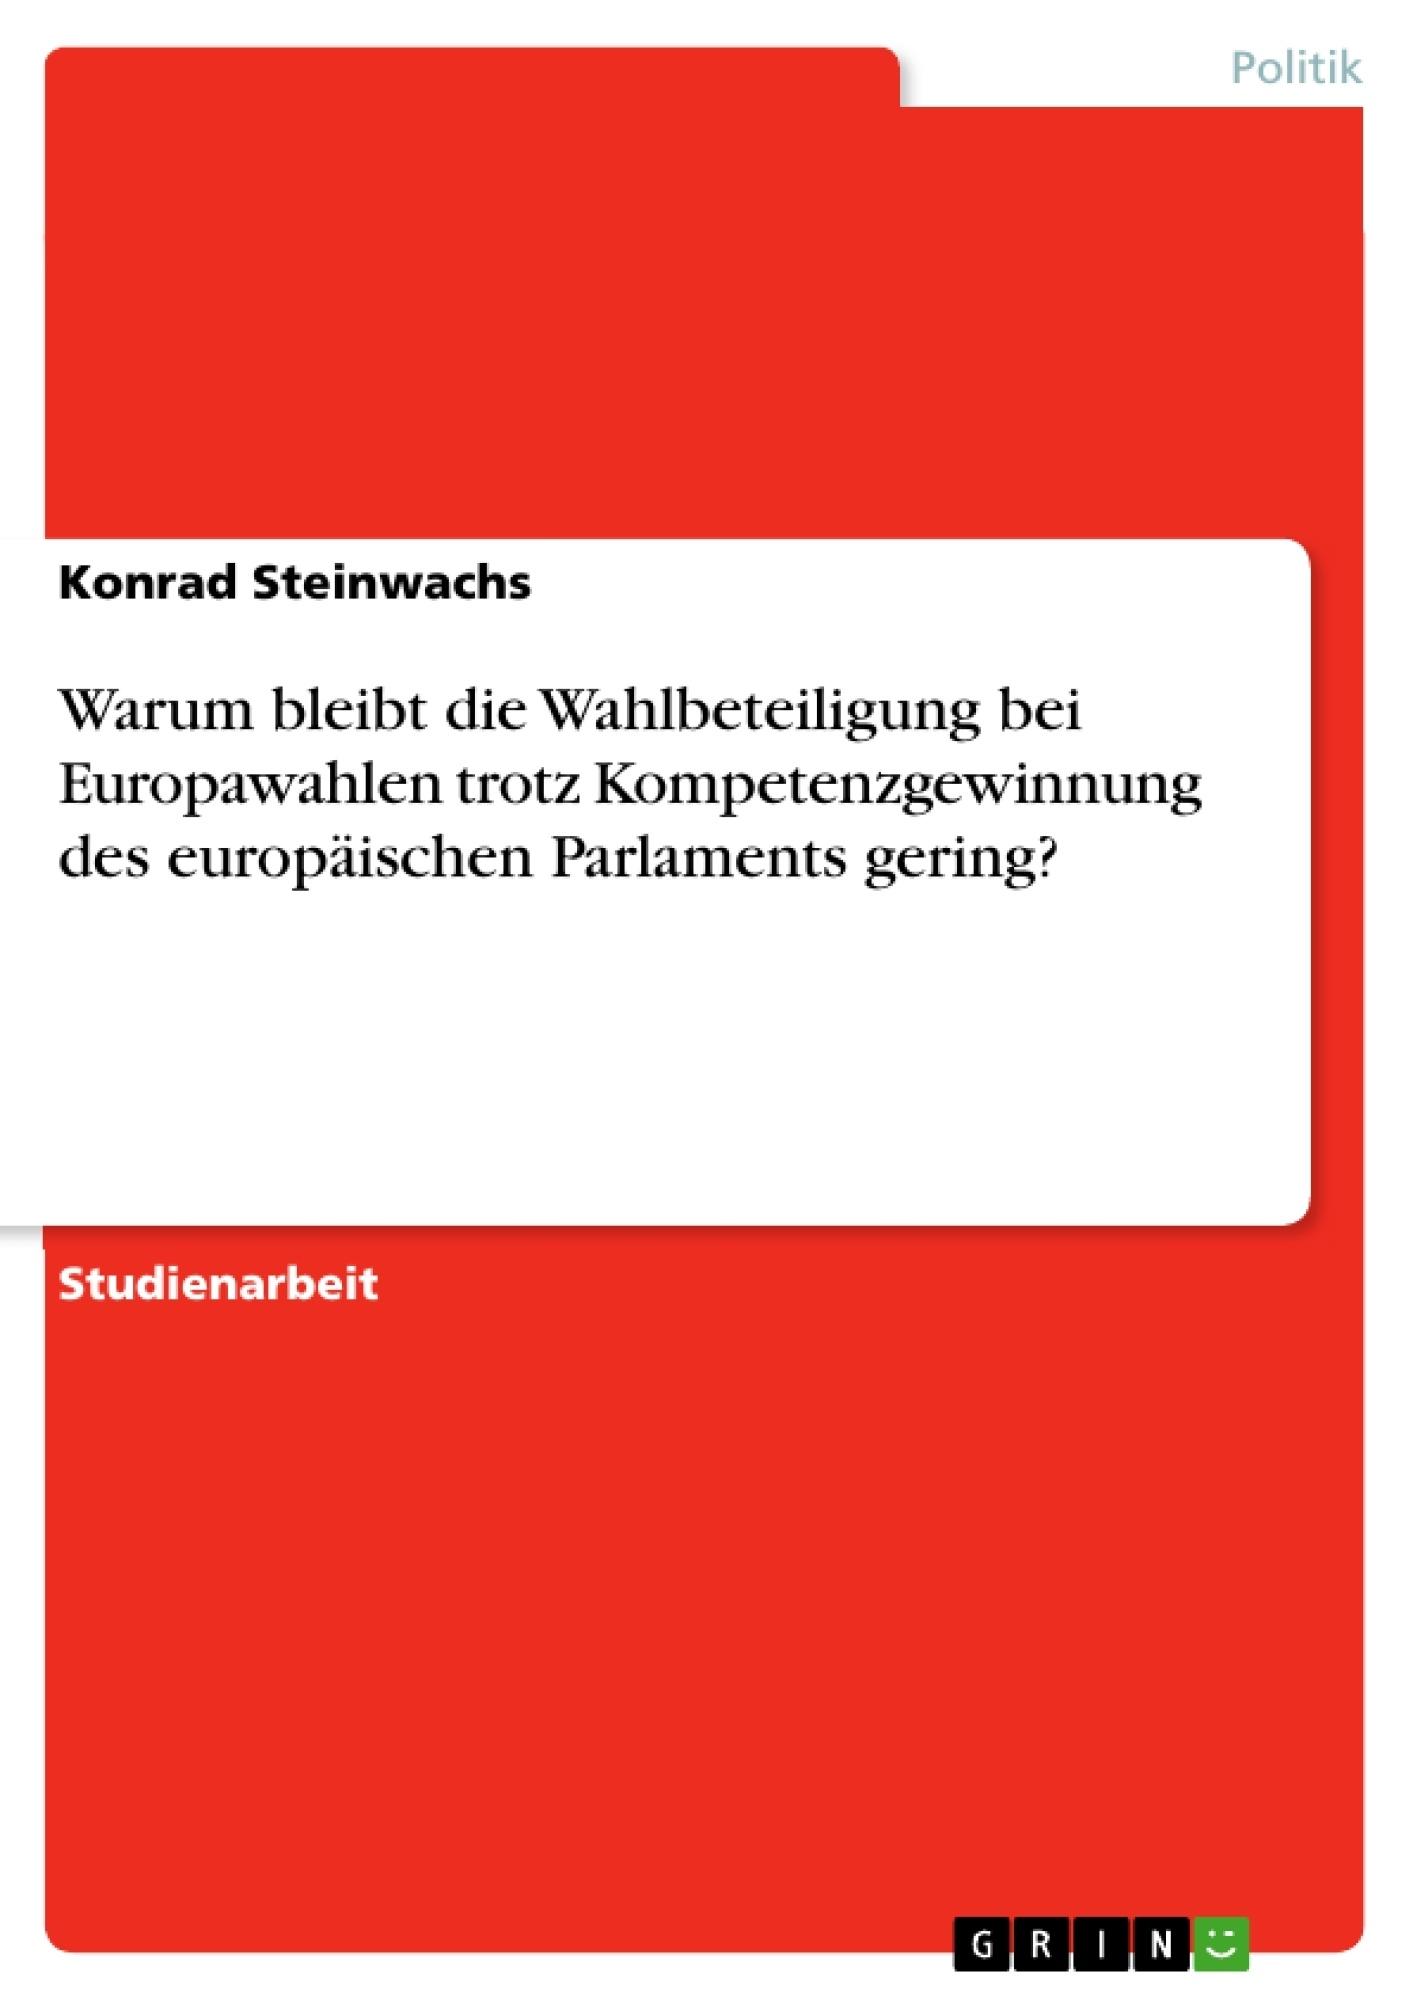 Titel: Warum bleibt die Wahlbeteiligung bei Europawahlen trotz Kompetenzgewinnung des europäischen Parlaments gering?